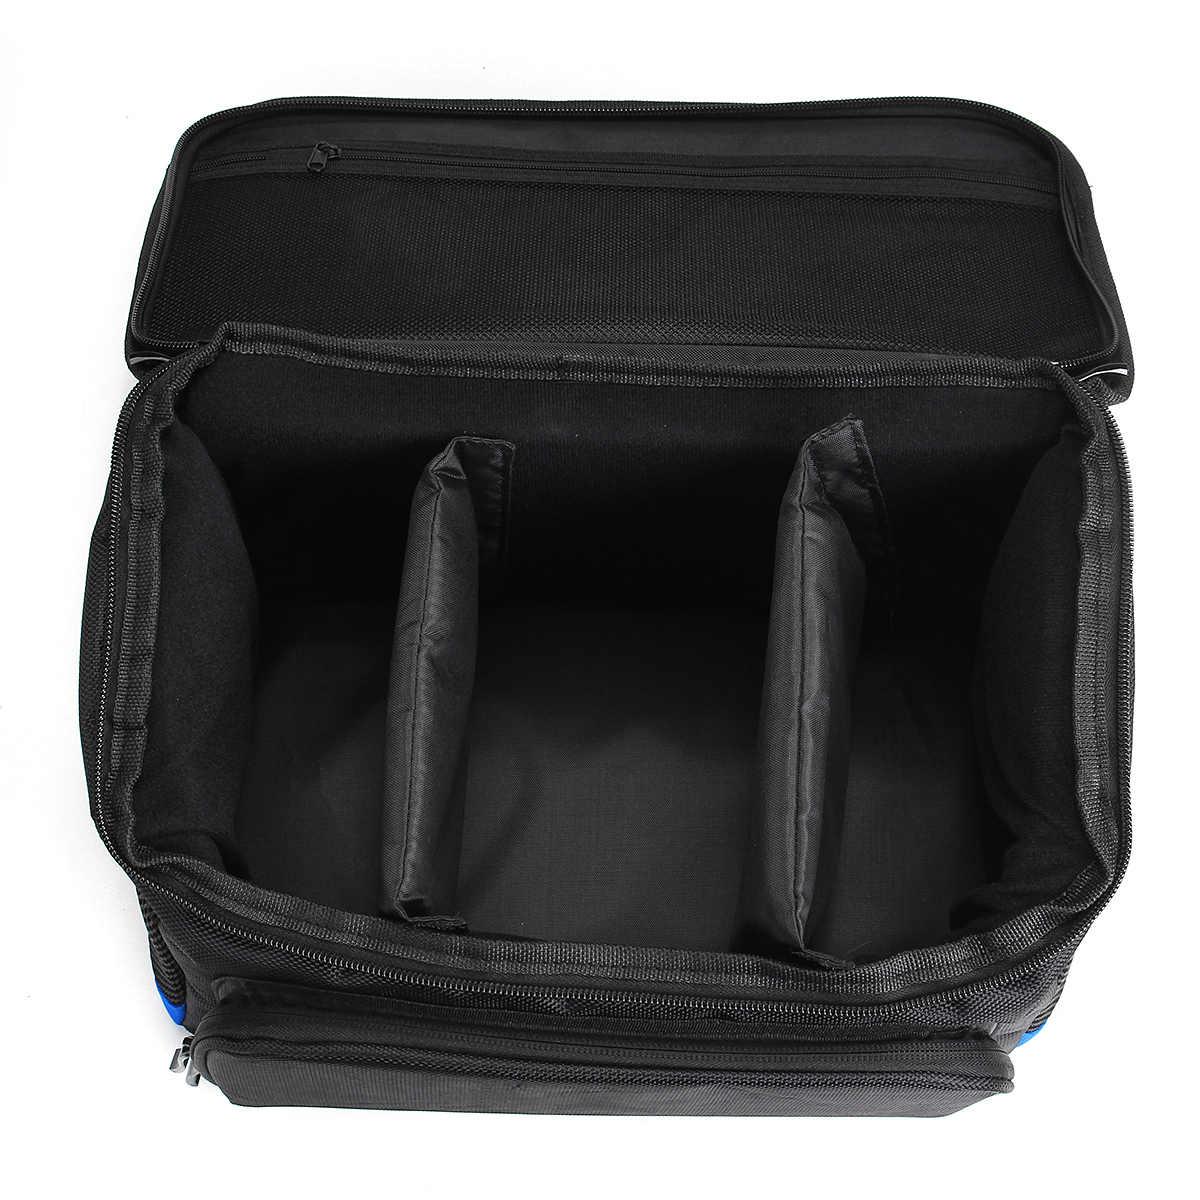 أدوات الألياف البصرية الانصهار جهاز الربط حمل حقيبة حقيبة للماء الألياف البصرية الربط آلة حقيبة فم واسع جديد